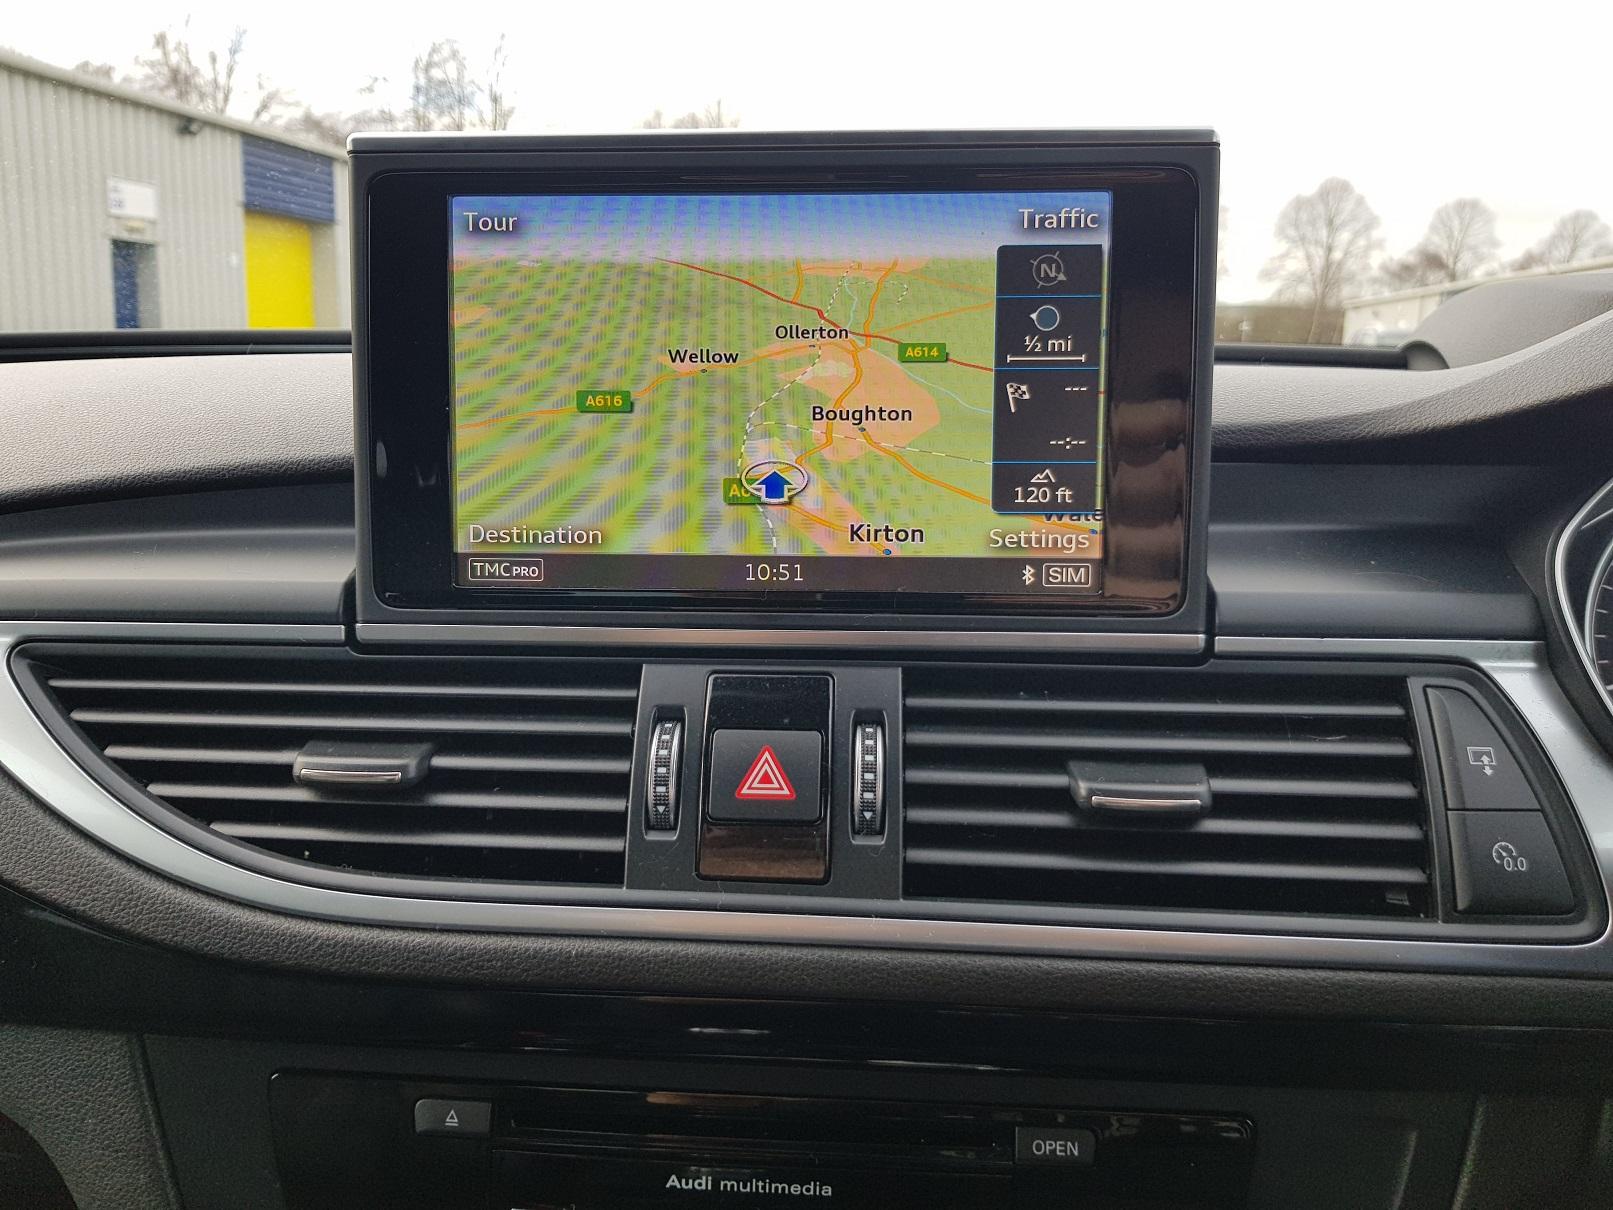 K 2016 66 Reg Audi A7 S Line Tdi Quattro Automatic Bi